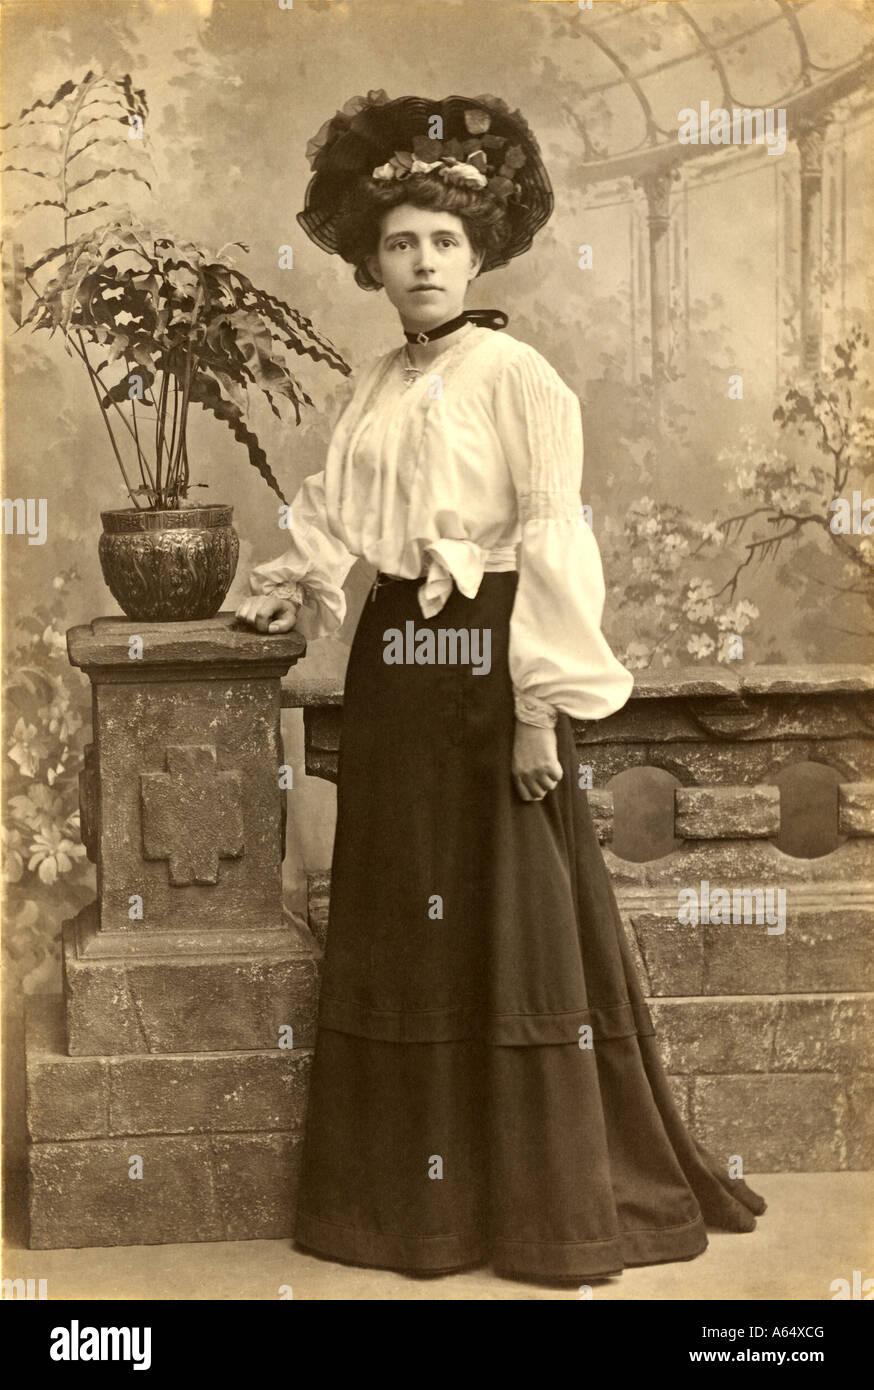 Retrato de estudio de una moda joven mujer eduardiana de edades comprendidas entre los 19 años de edad, con Imagen De Stock